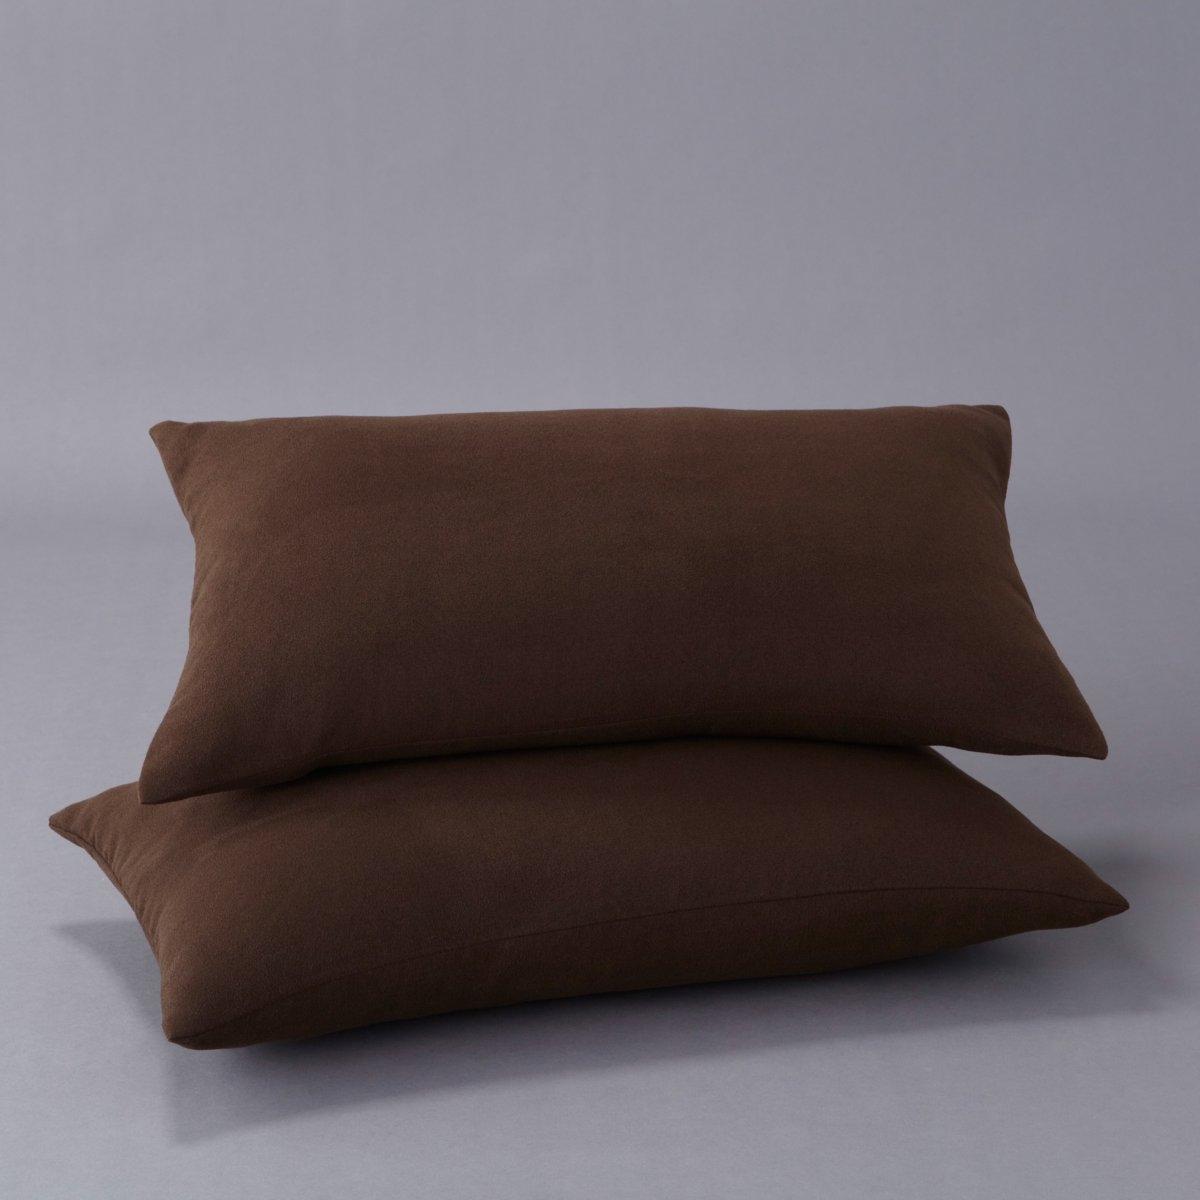 2 чехла для подушек-подлокотниковКачество VALEUR S?RE. Подарите новую жизнь вашему дивану, всего лишь заменив чехол! Наполнитель из полиэстера, 120 г/м?. Искусственная замша, 100% полиэстера. Стирка при 30°. 2 размера: аккордеон: 50 х 30 см и книжка: 60 х 40 см. Застежка на молнию.<br><br>Цвет: антрацит,бежевый песочный,красный,светло-желто-каштановый,серый жемчужный,шоколадно-каштановый<br>Размер: 60 x 40  см